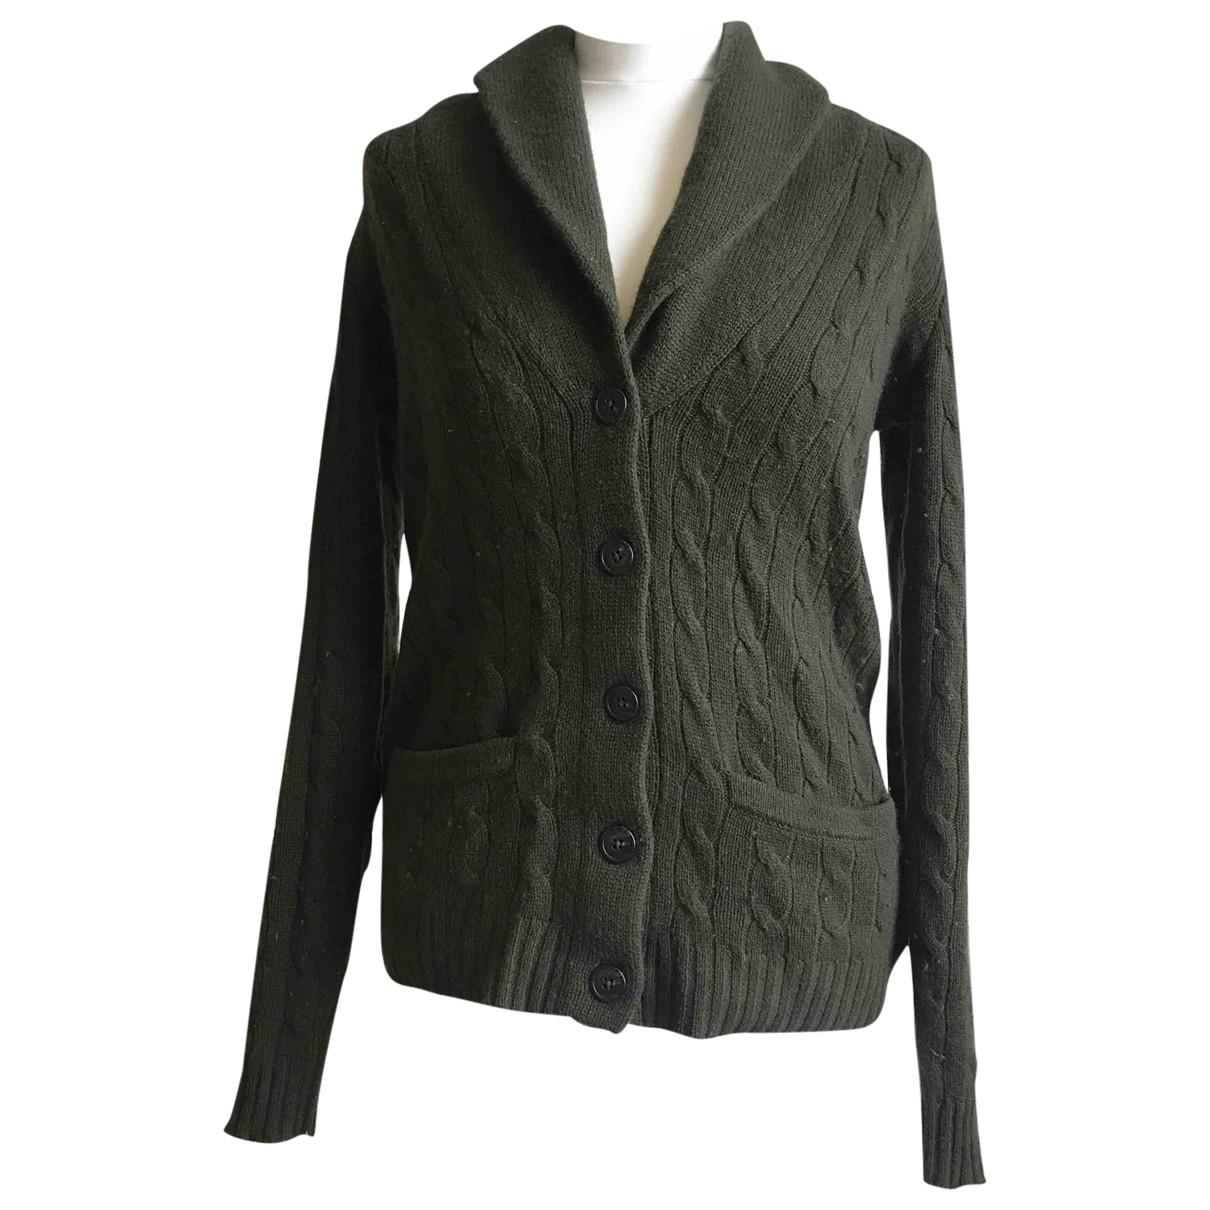 Ralph Lauren Collection \N Green Cashmere Knitwear for Women M International